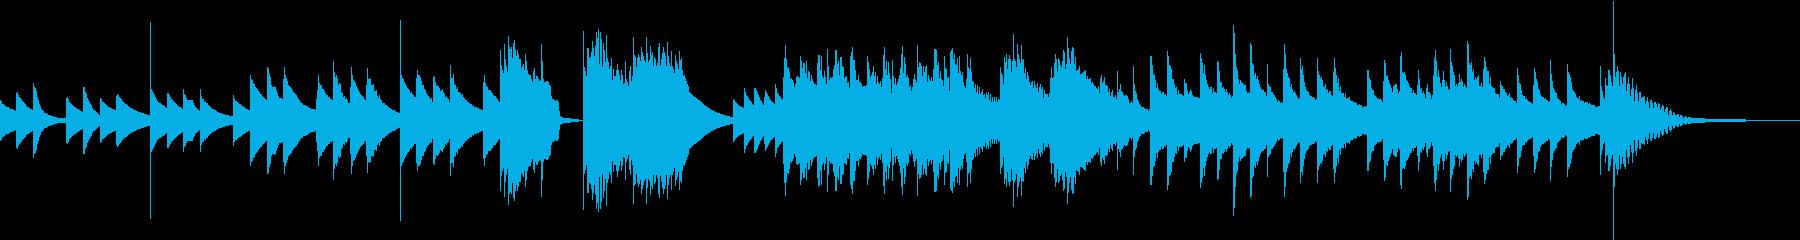 十二音技法を用いた怪しく美しい曲の再生済みの波形